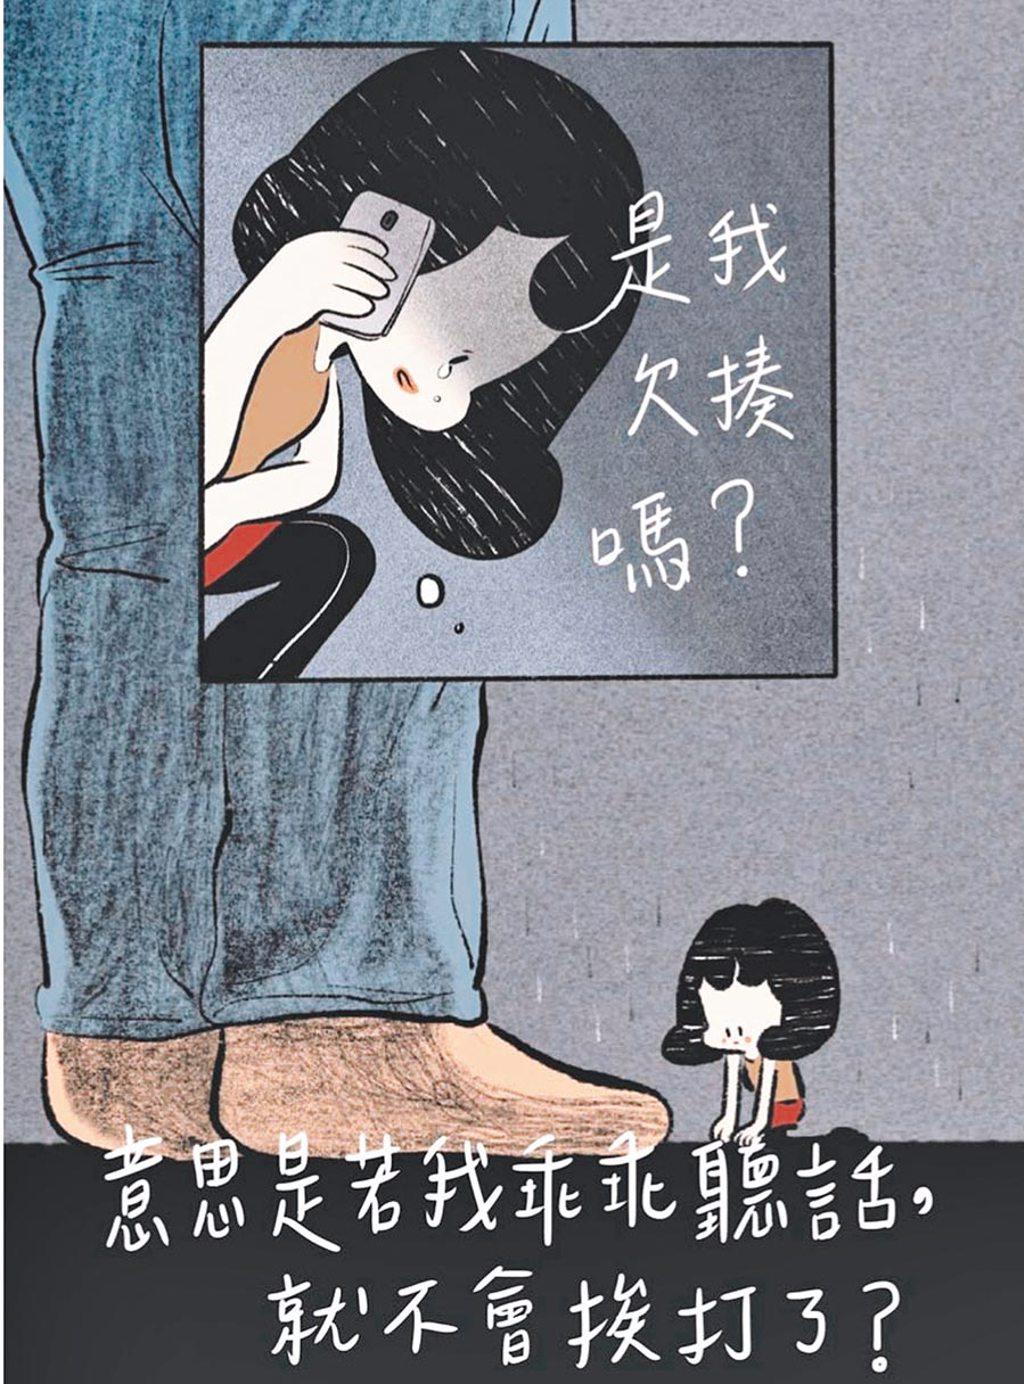 化名「李雅莉」的韓國漫畫家,在網路連載漫畫揭露遭受前男友「約會暴力」的傷痛,喚起許多共鳴。(寶瓶文化提供)